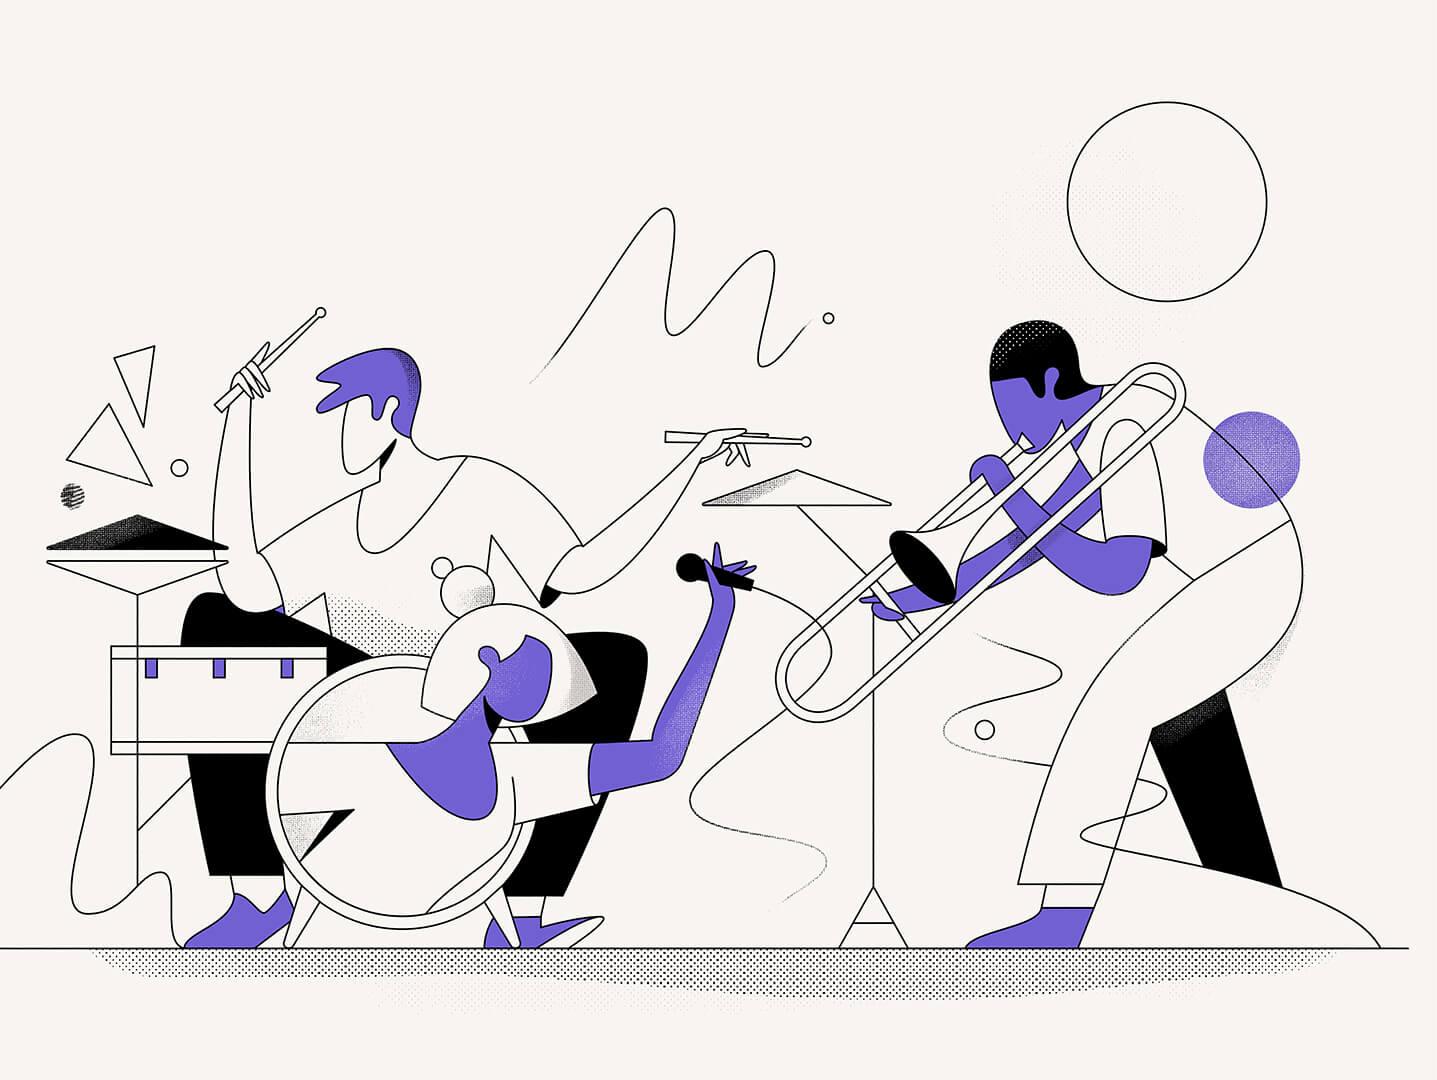 Timo-Kuilder-illustration-goodfromyou-13.jpg